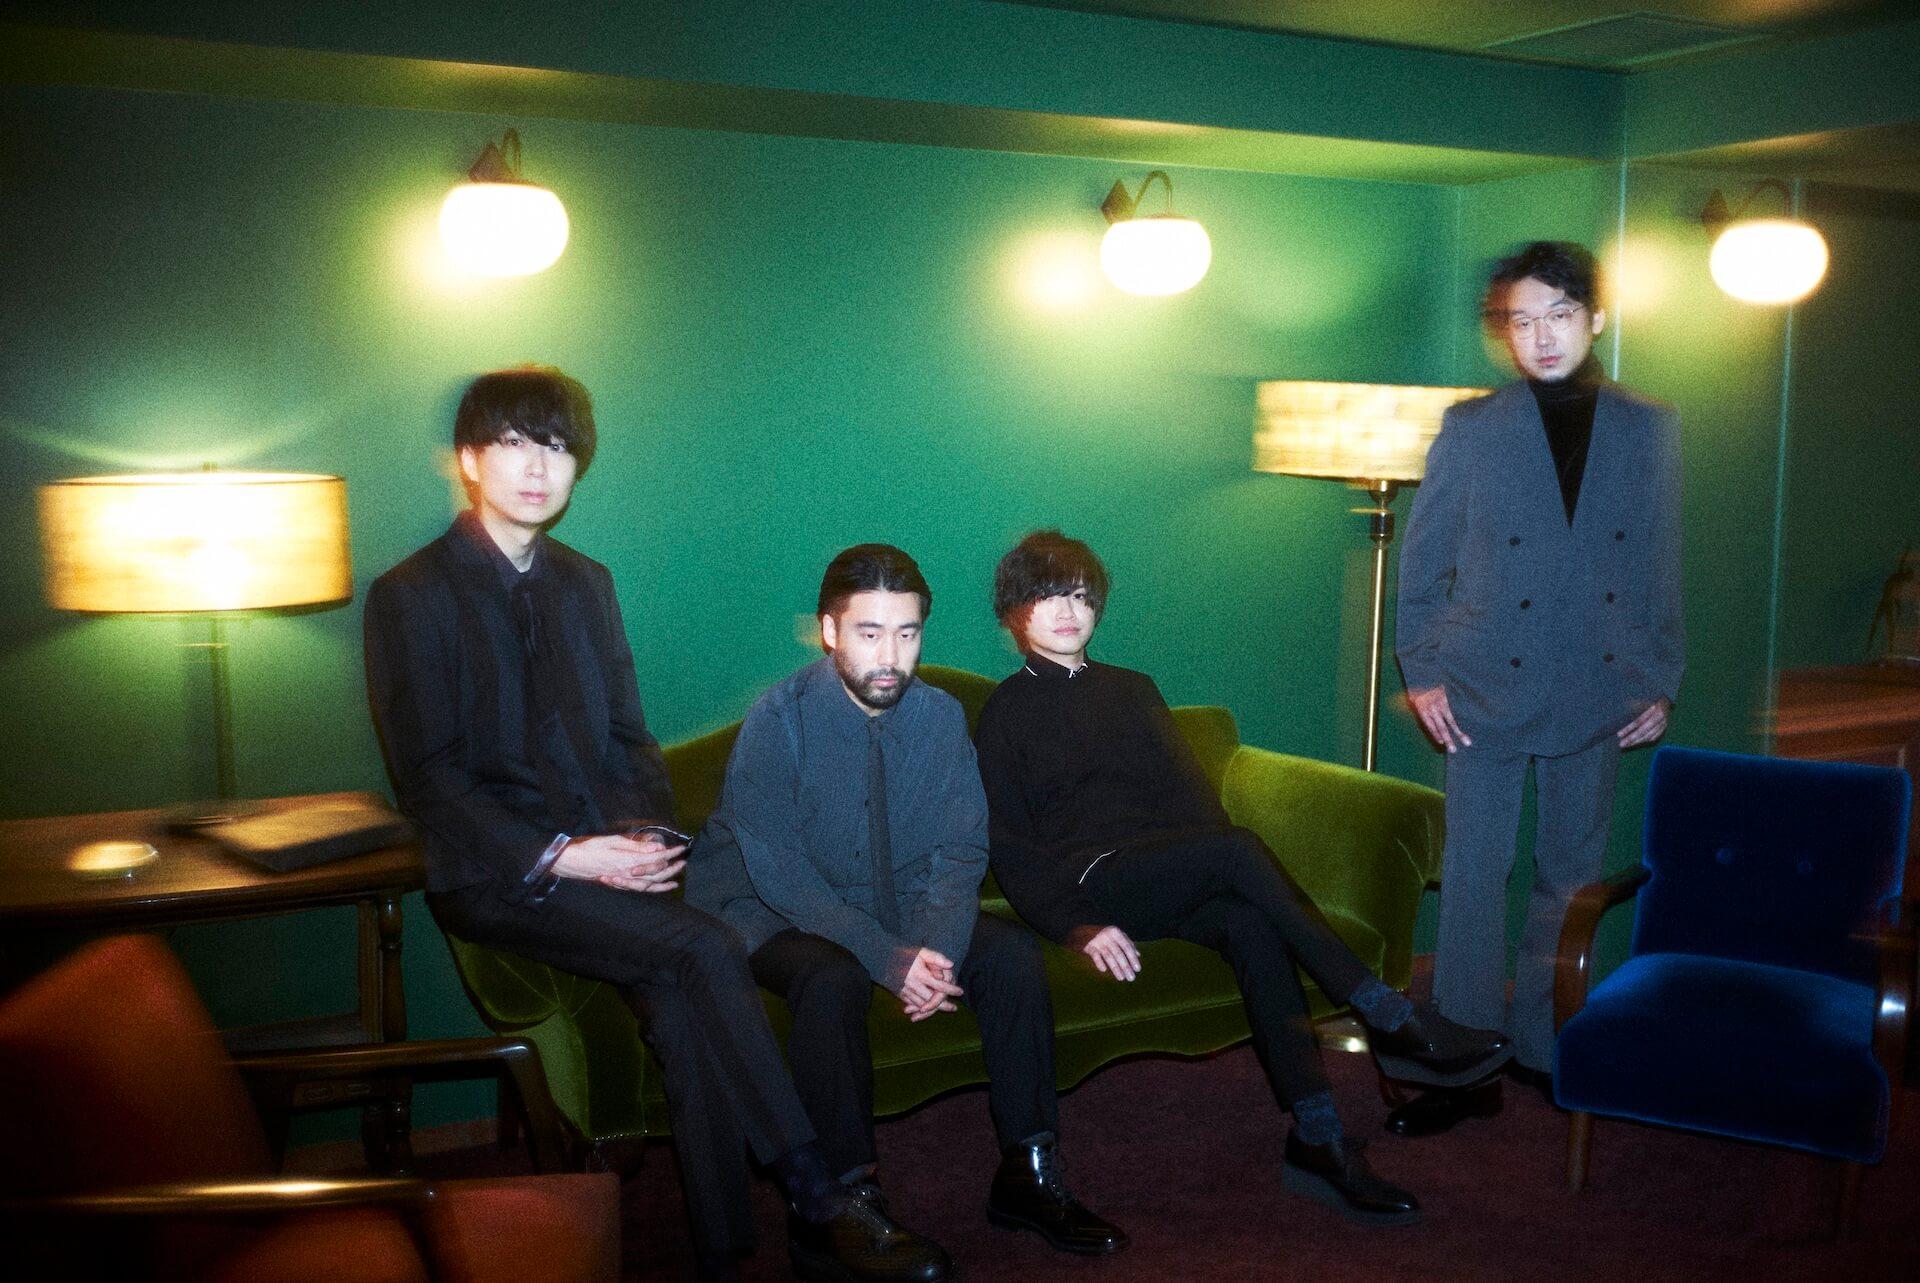 ライター・黒田隆憲が<フジロック '21>初登場組の注目10アーティストを紹介! column210802_fujirock-debut-04